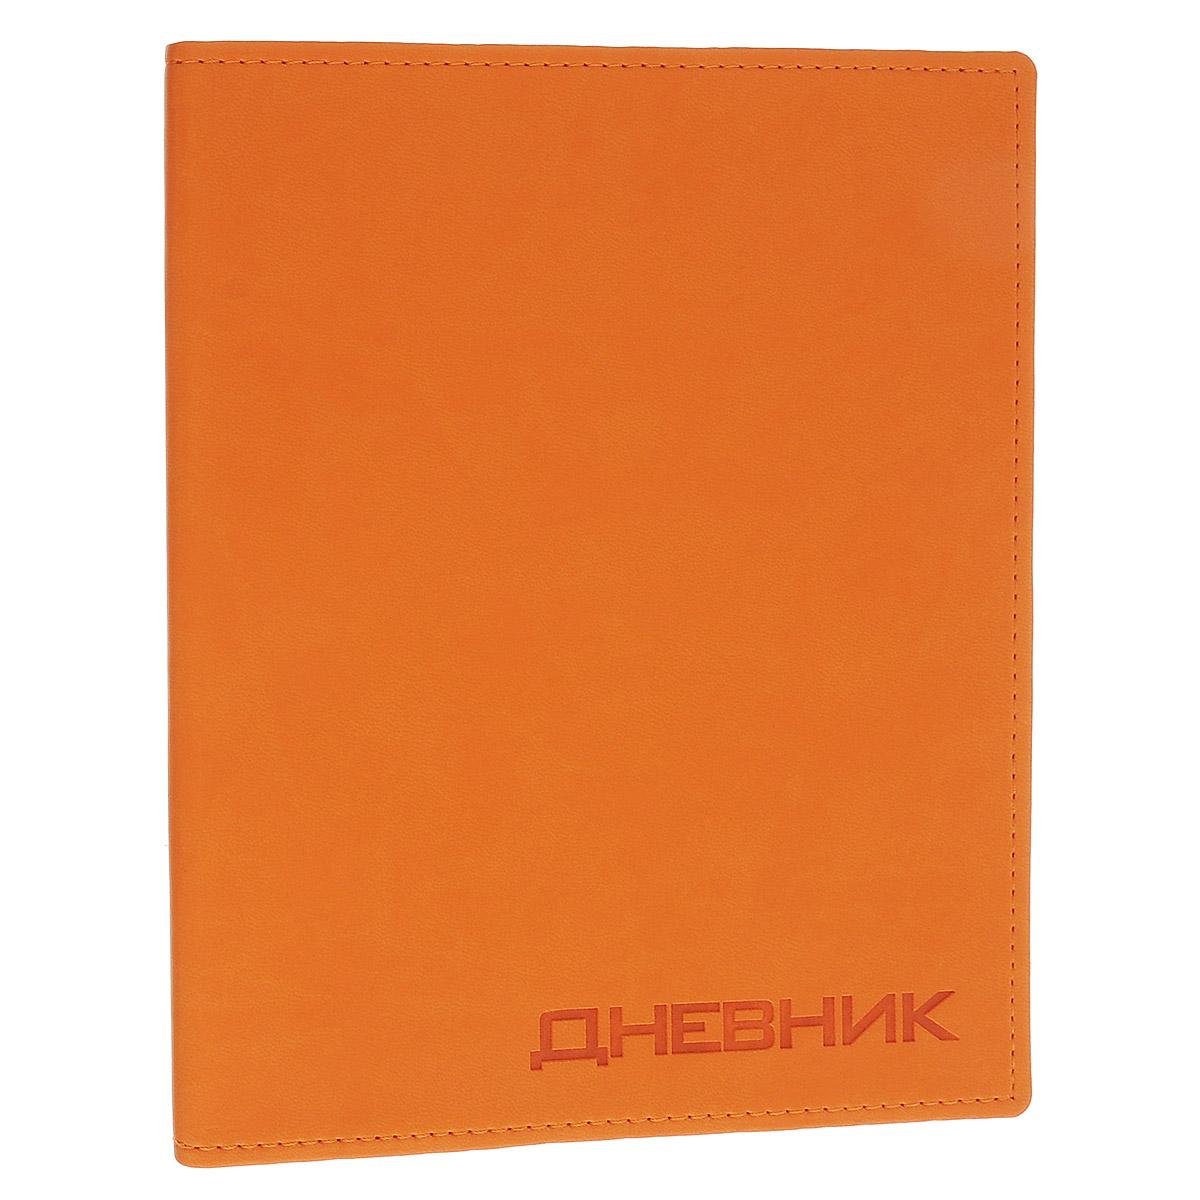 Дневник школьный Триумф Вивелла, цвет: оранжевый1300-38Школьный дневник Триумф Вивелла - первый ежедневник вашего ребенка. Он поможет ему не забыть свои задания, а вы всегда сможете проконтролировать его успеваемость. Гибкая, высокопрочная интегральная обложка с закругленными углами прошита по периметру. Надпись нанесена путем вдавленного термотиснения и темнее основного цвета обложки, крепление сшитое. На разворотах под обложкой дневник дополнен политической и физической картой России. Внутренний блок выполнен из качественной бумаги кремового цвета с четкой линовкой темно-серого цвета. В структуру дневника входят все необходимые разделы: информация о школе и педагогах, расписание занятий и факультативов по четвертям. На последней странице для итоговых оценок незаполненные графы изучаемых предметов.